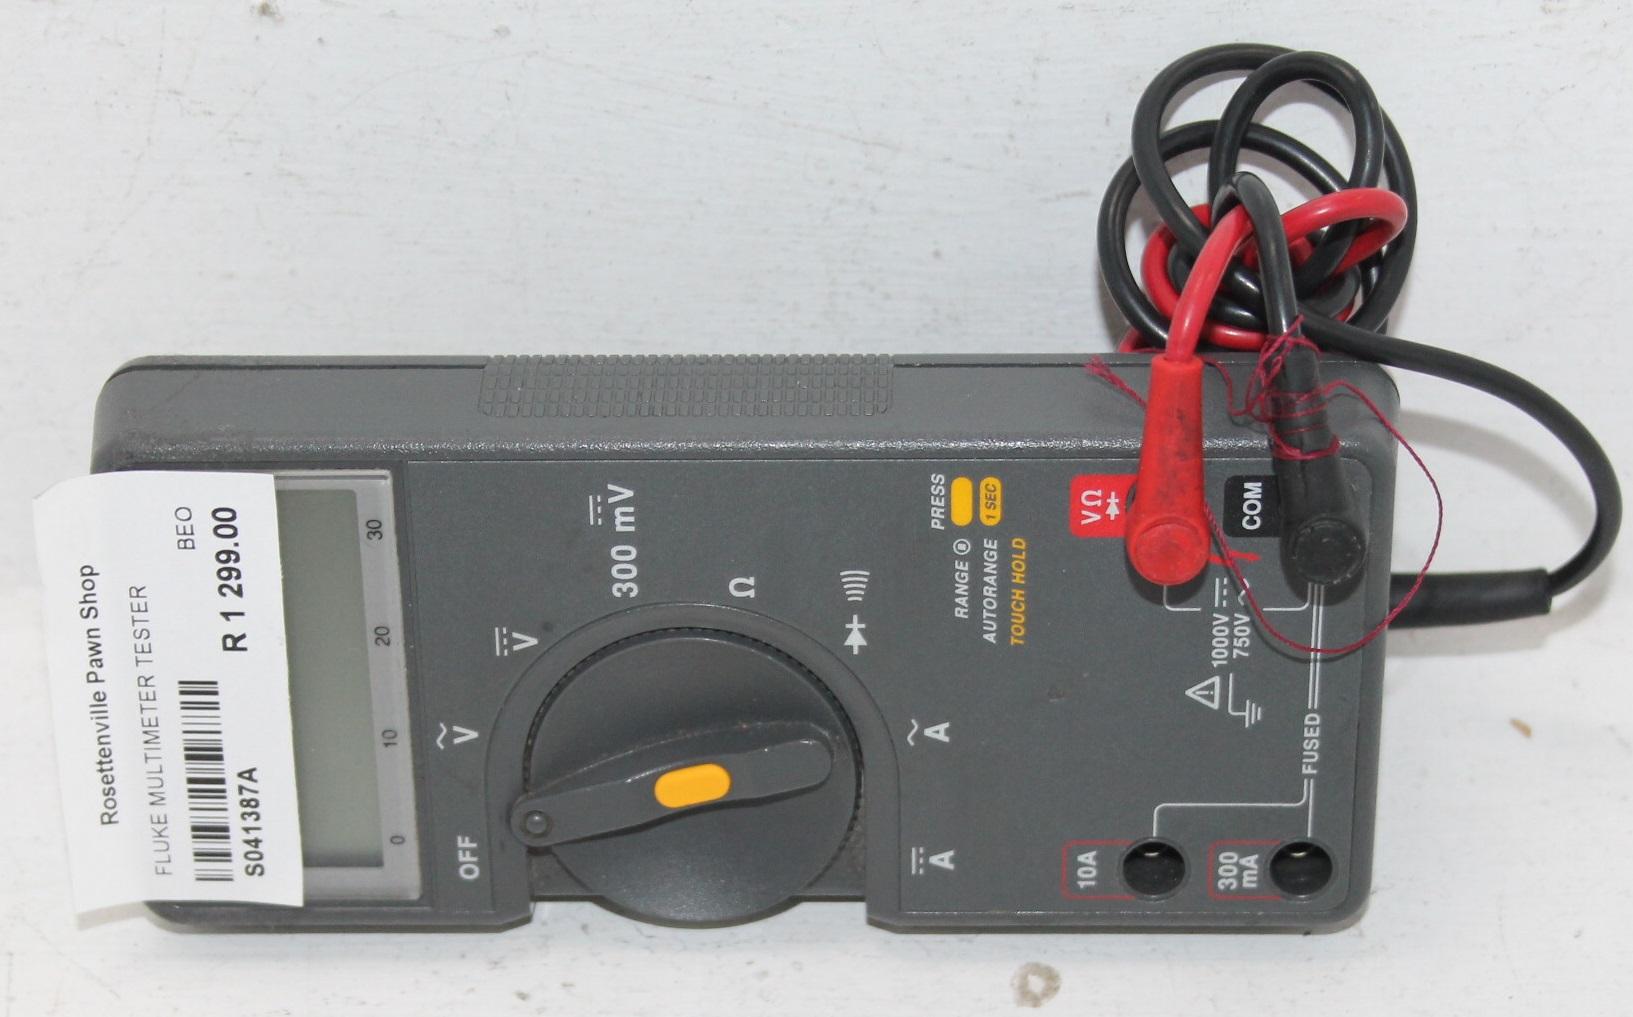 Fluke multimeter tester S041387A #Rosettenvillepawnshop